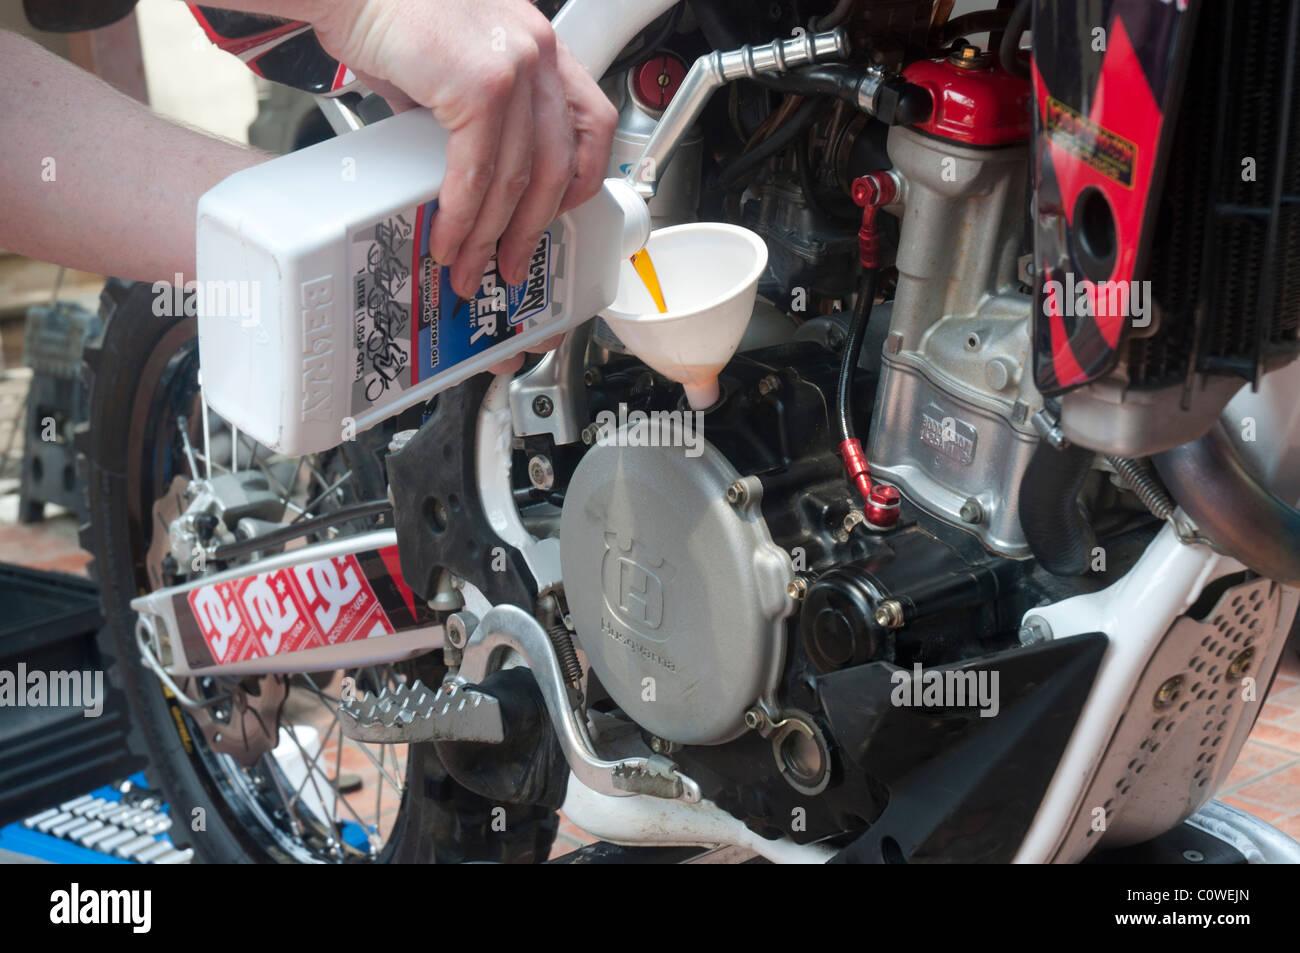 Replacing oil in Husqvarna motor cross bike - Stock Image